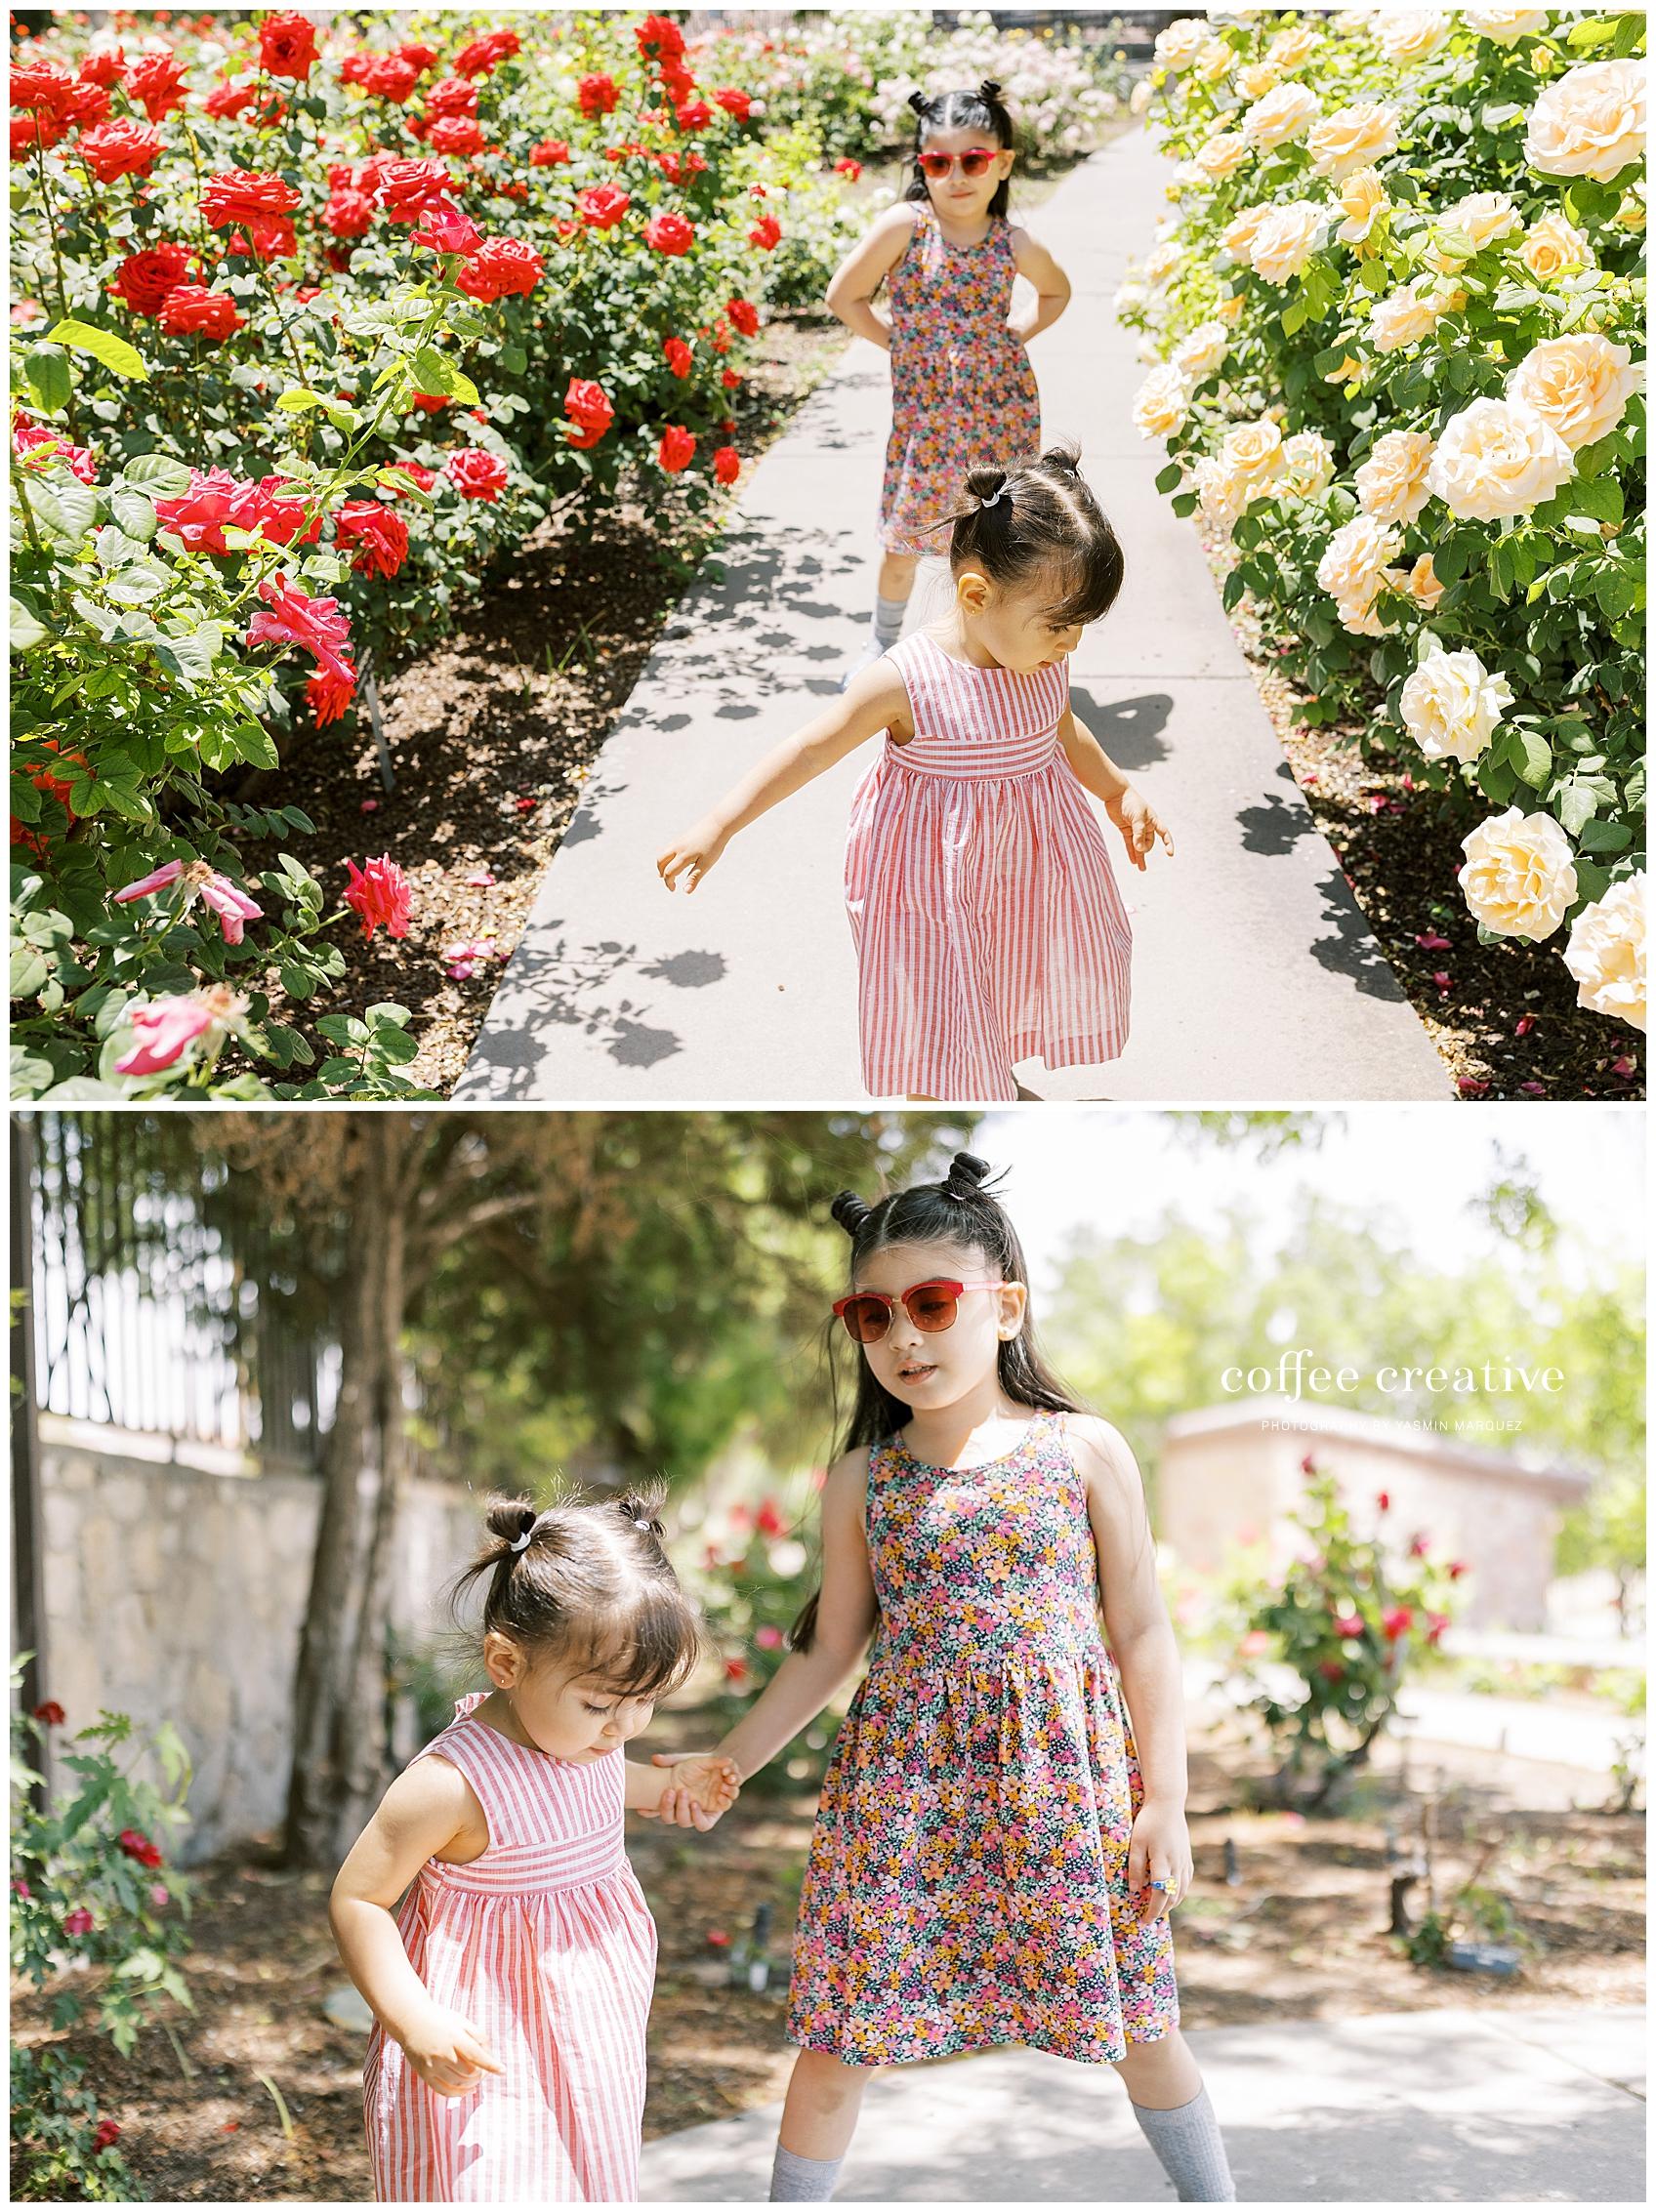 el paso rose garden, el paso mom blogger, el paso garden, el paso photographer